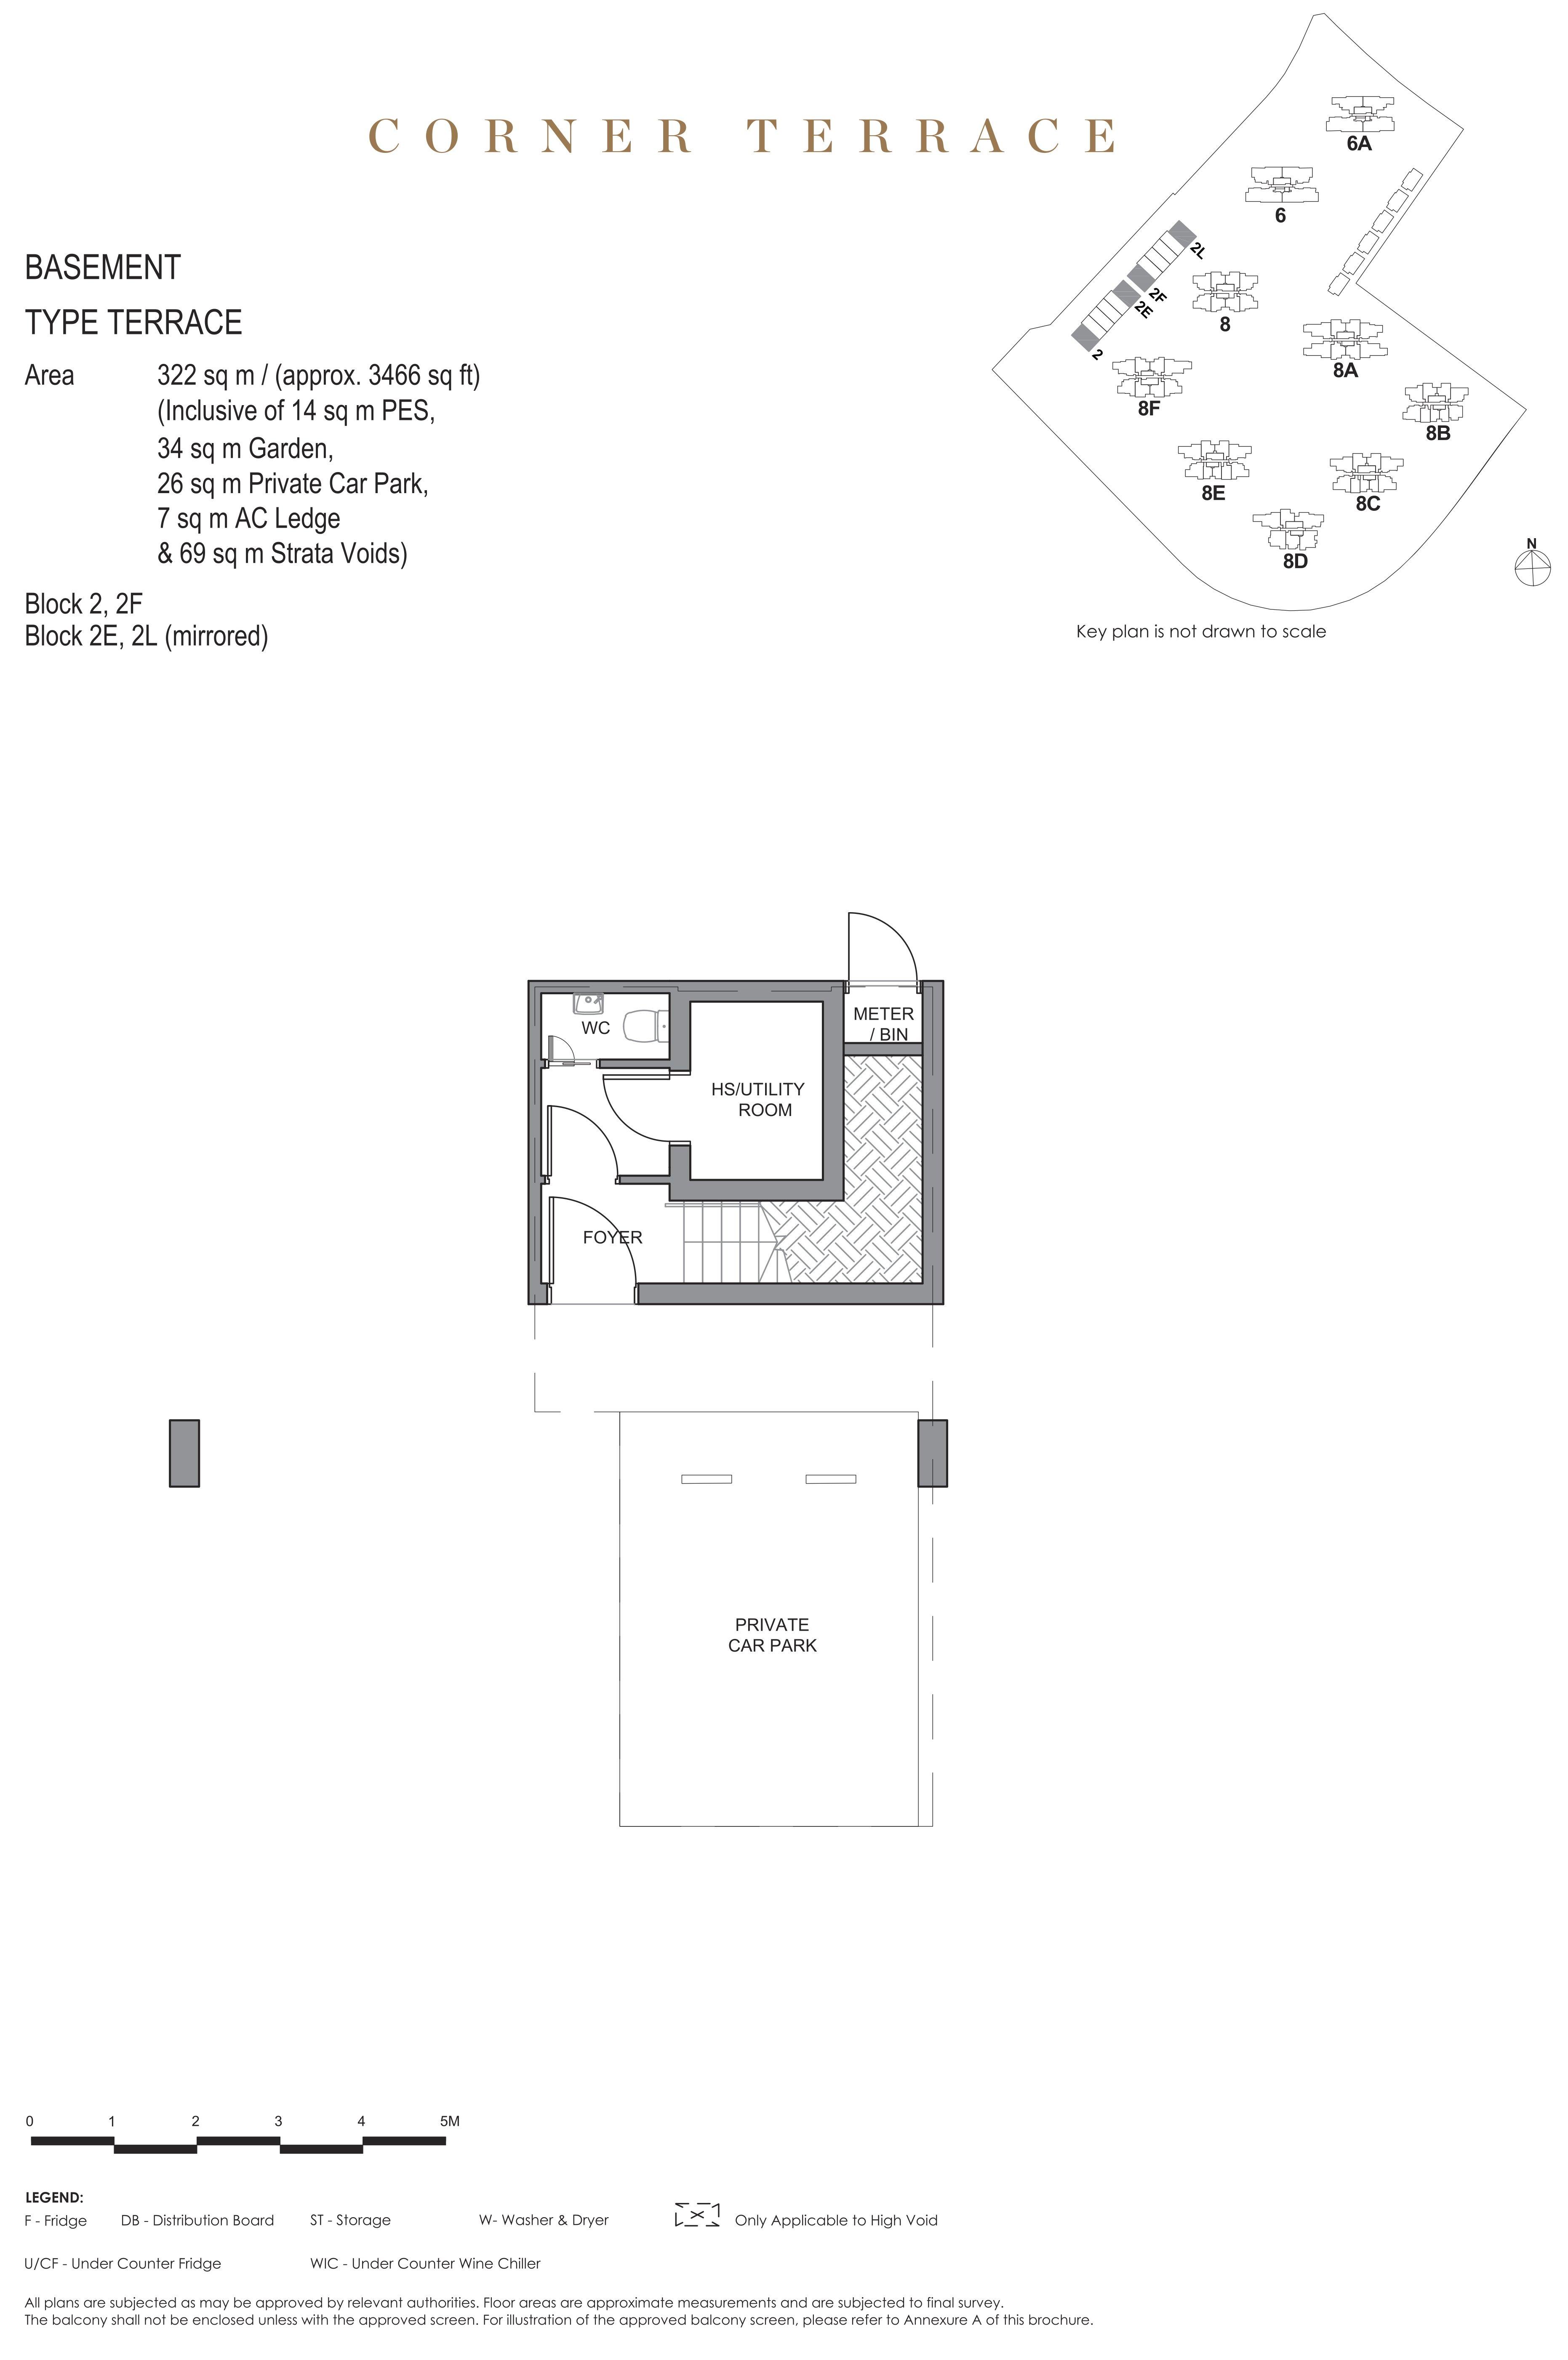 Parc Clematis 锦泰门第 masterpiece corner terrace basement